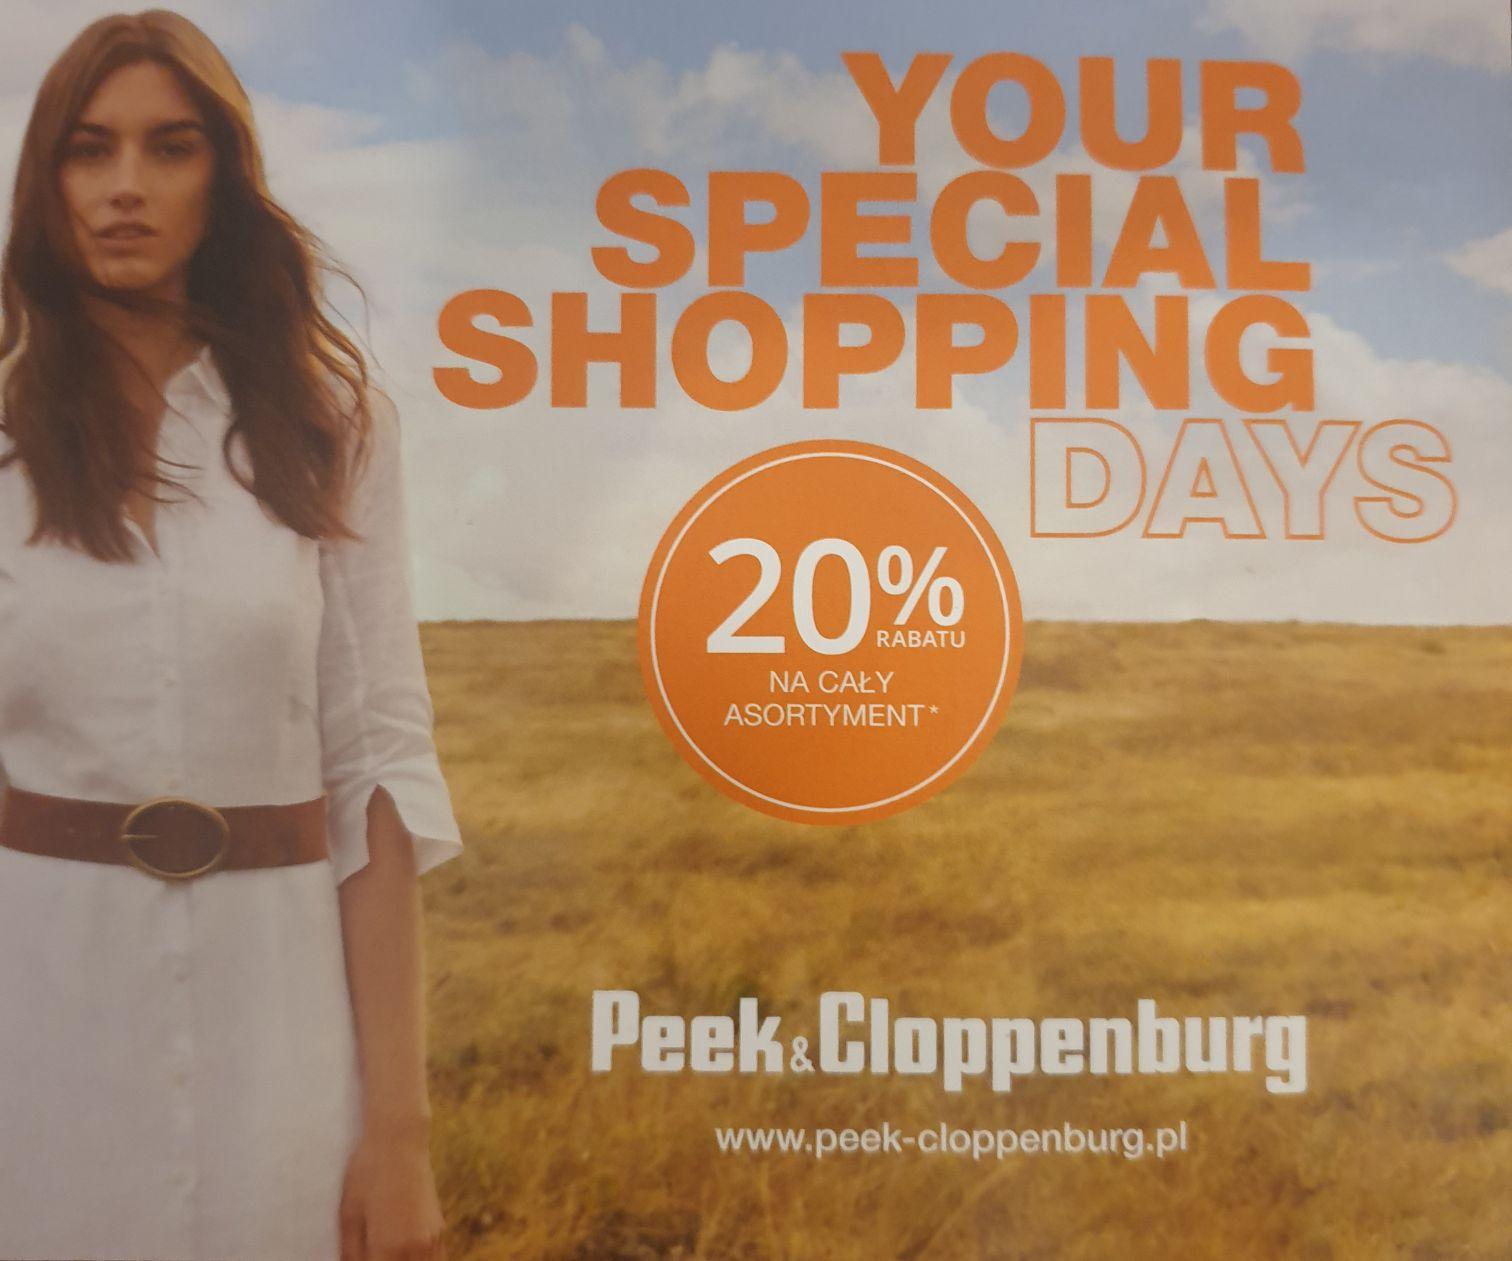 20% rabatu na cały asortyment Peek&Cloppenburg